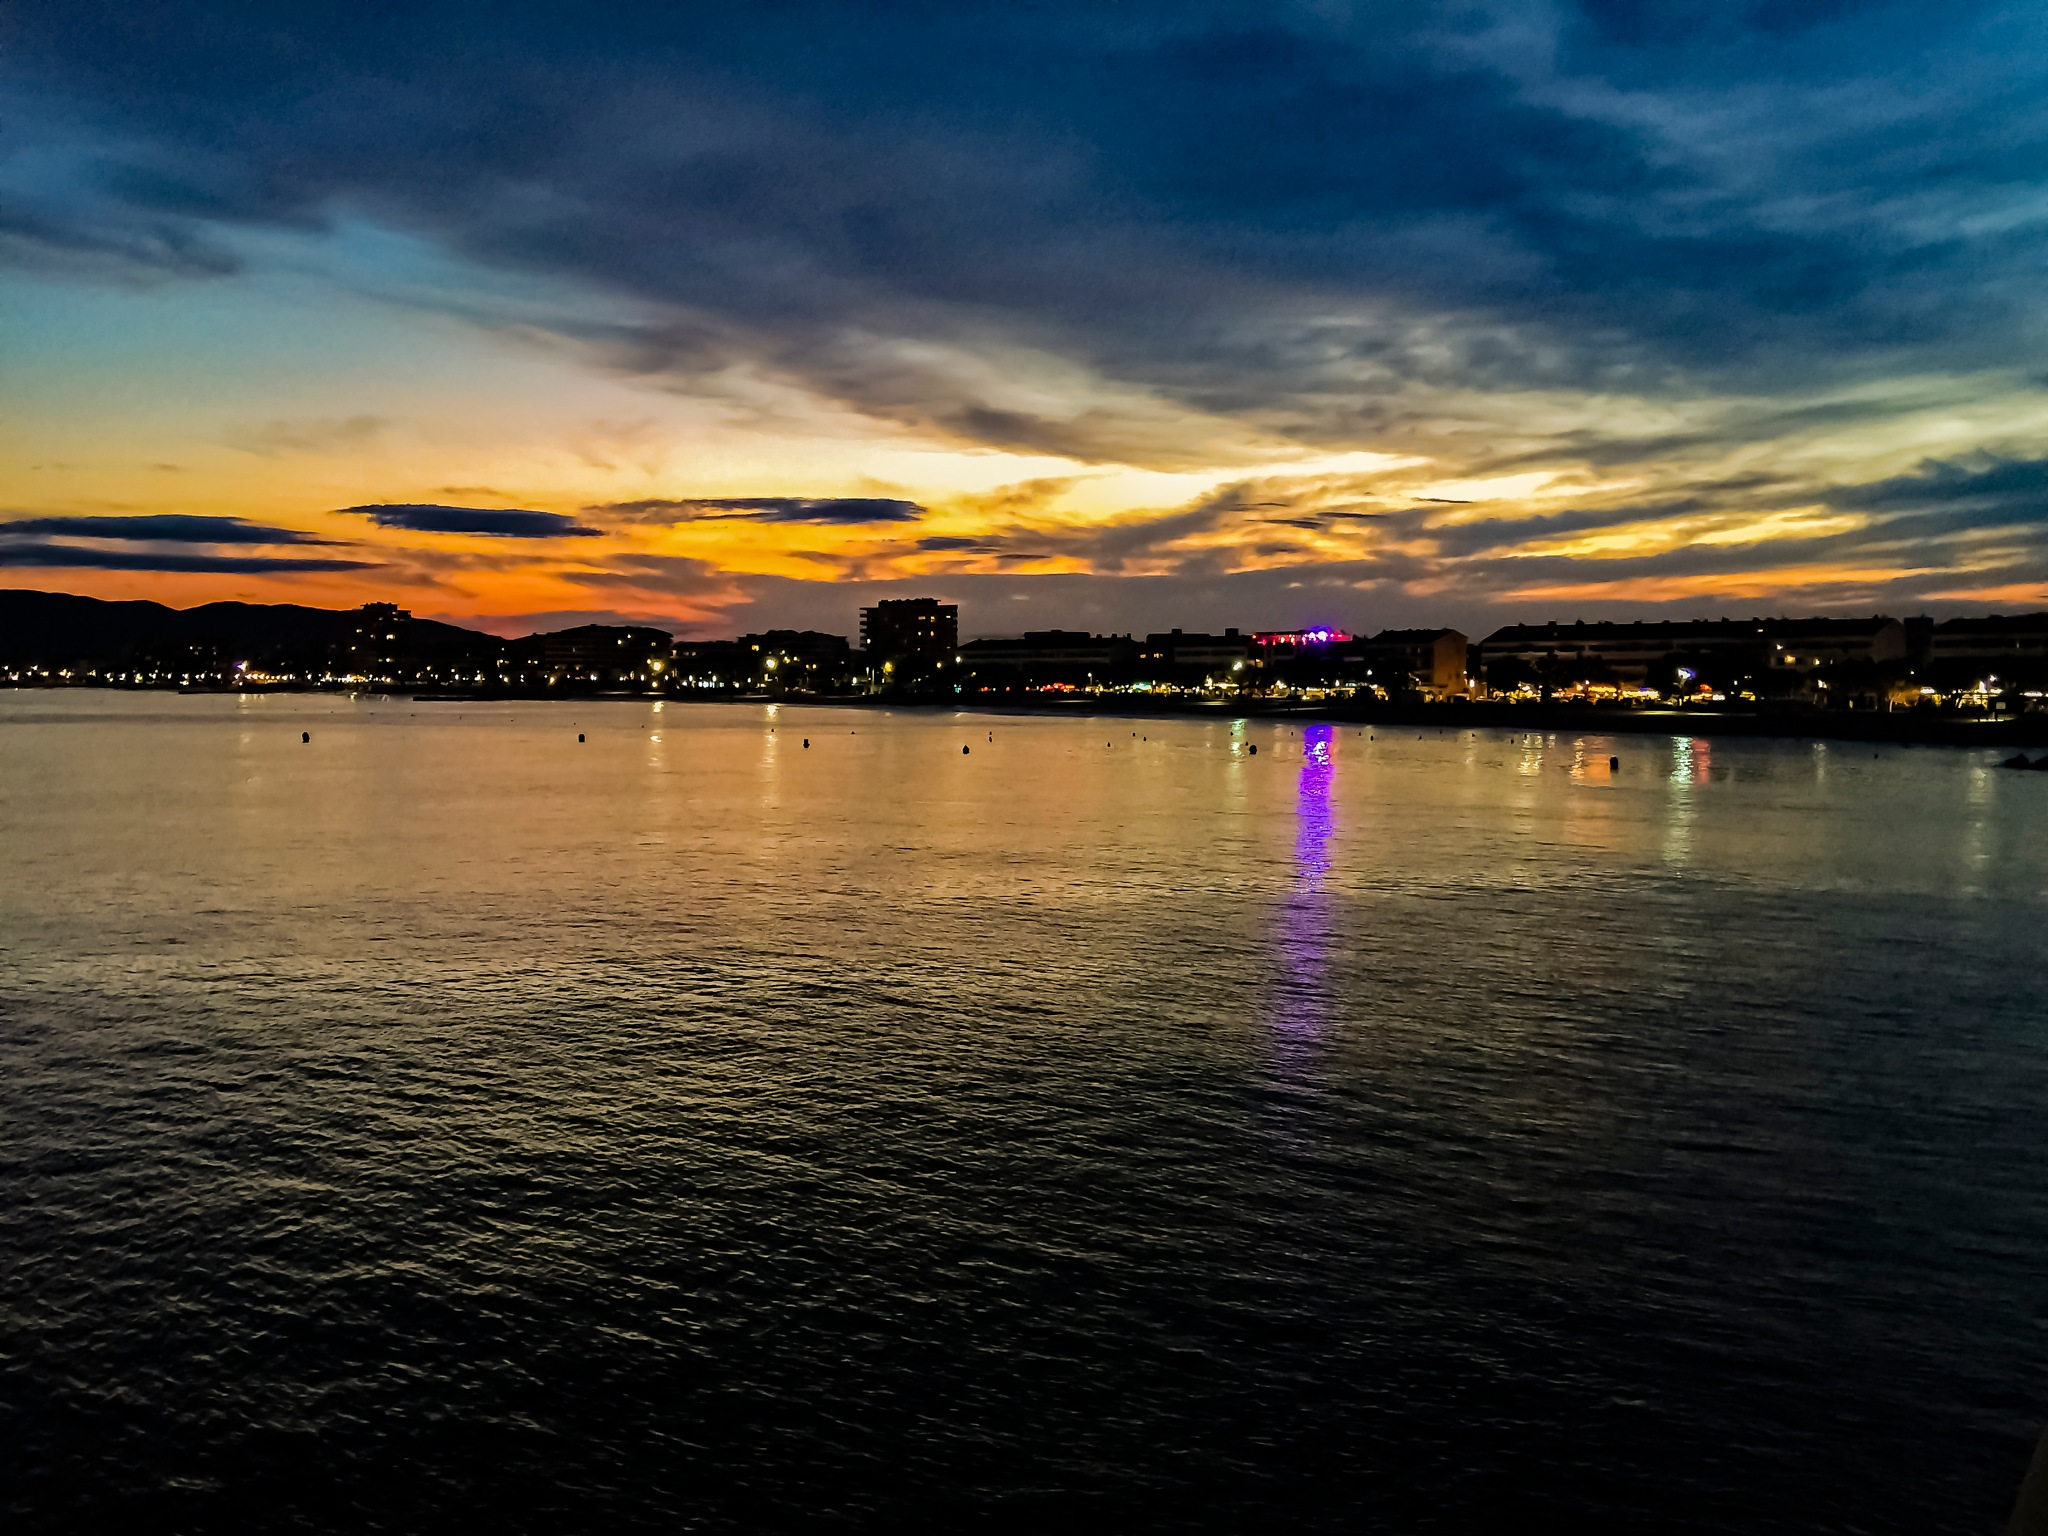 Sunset on the bay by djaffar adane